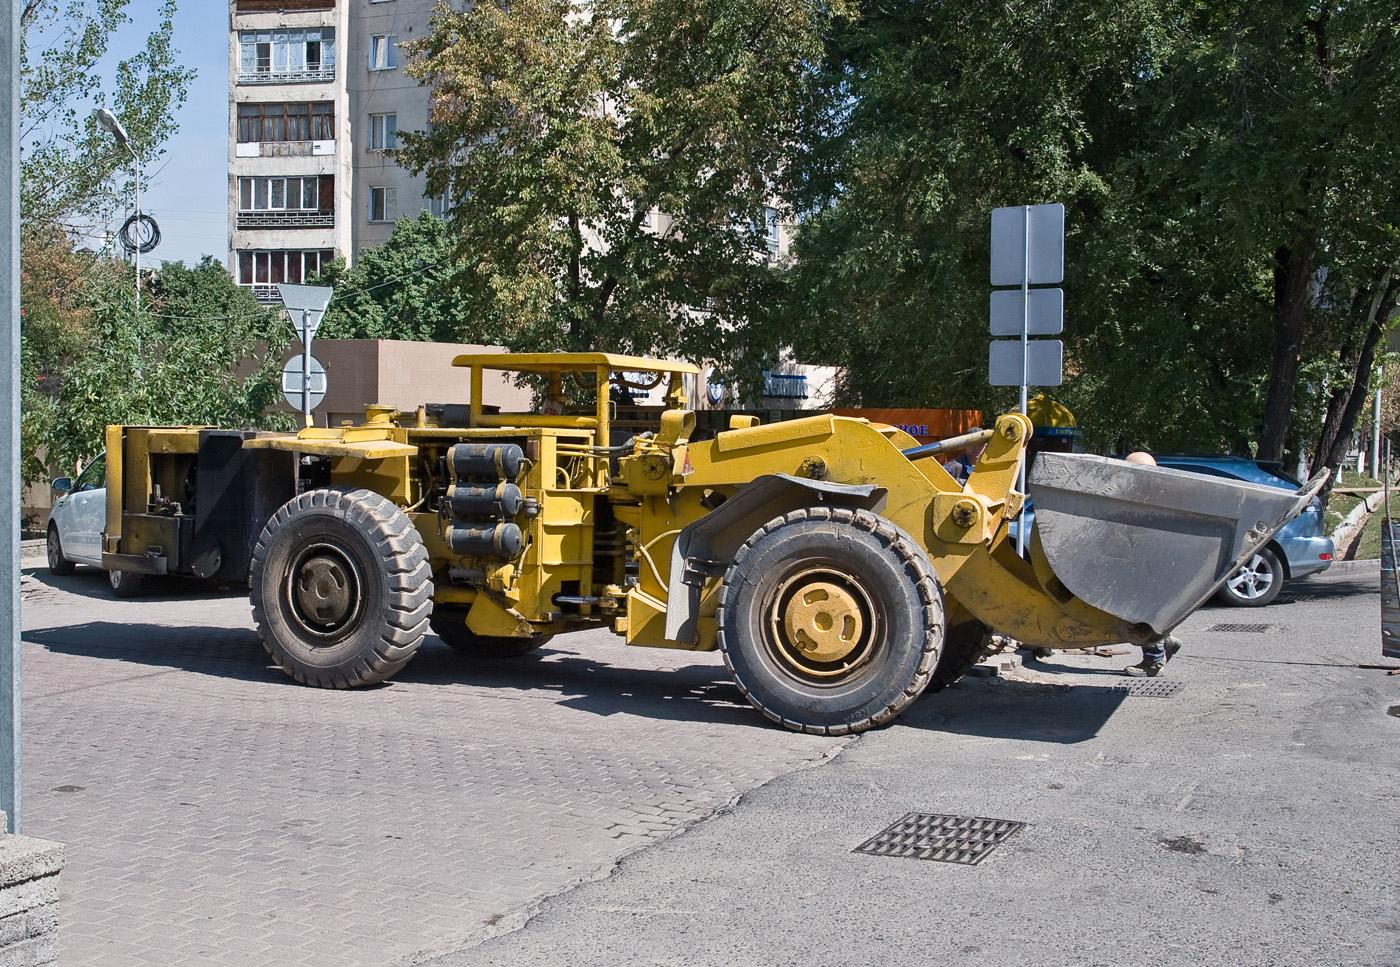 Погрузочно-доставочная машина для подземных работ LK-1M . Алматы, проспект Абая